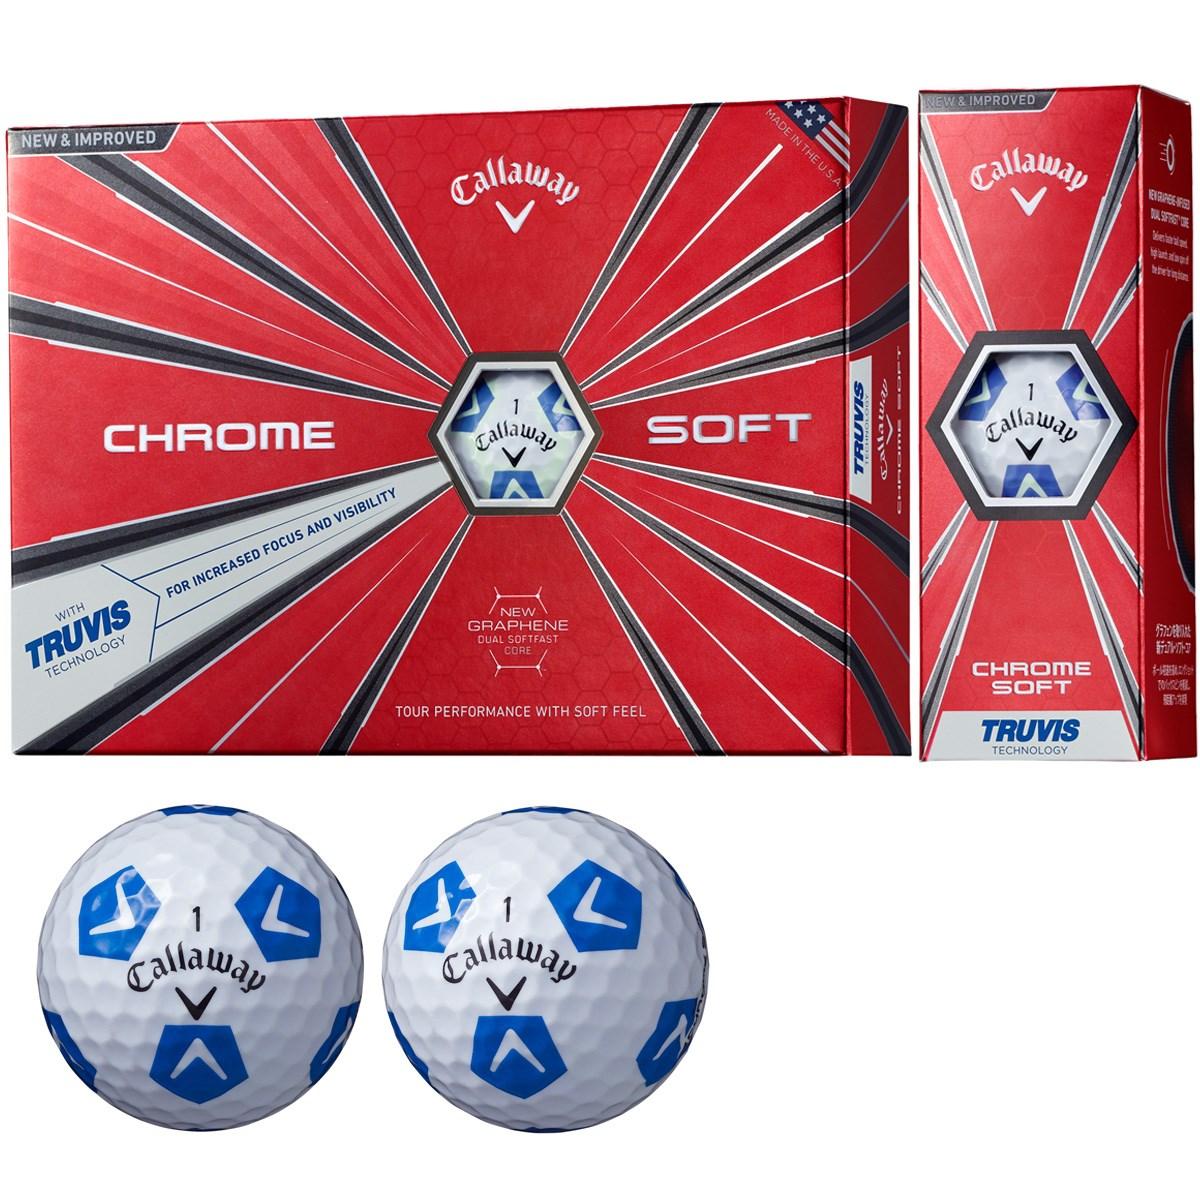 キャロウェイゴルフ(Callaway Golf) CHROME SOFT TRUVIS ボール【ホワイト/ブルー】